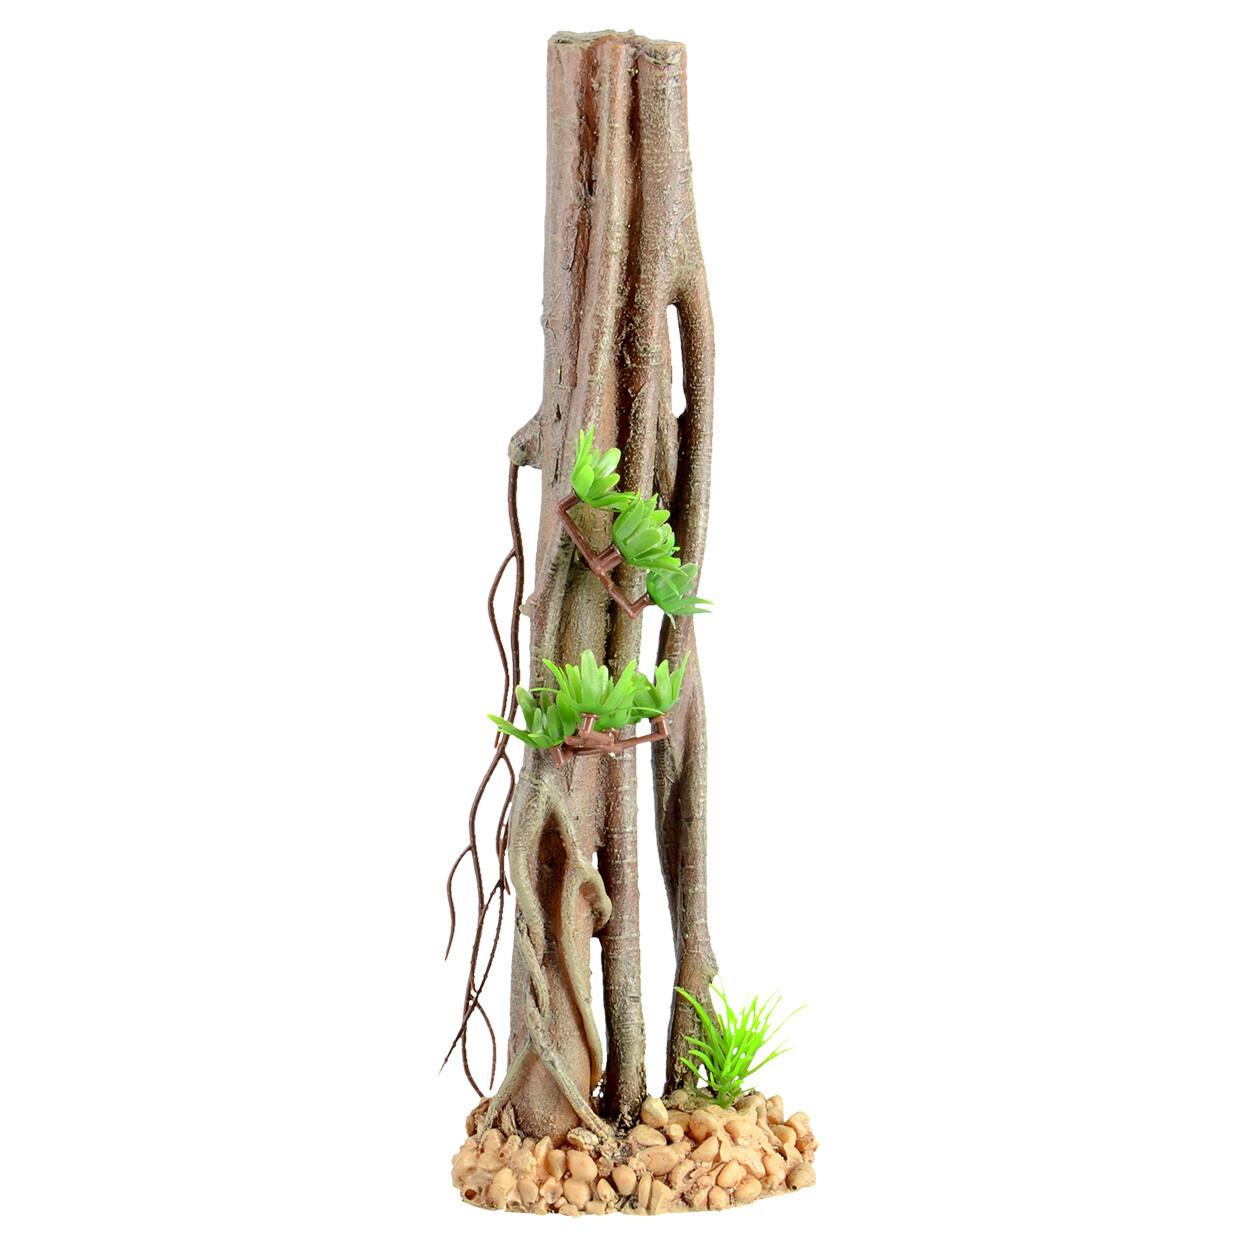 Underwater Treasures Mangrove Root A